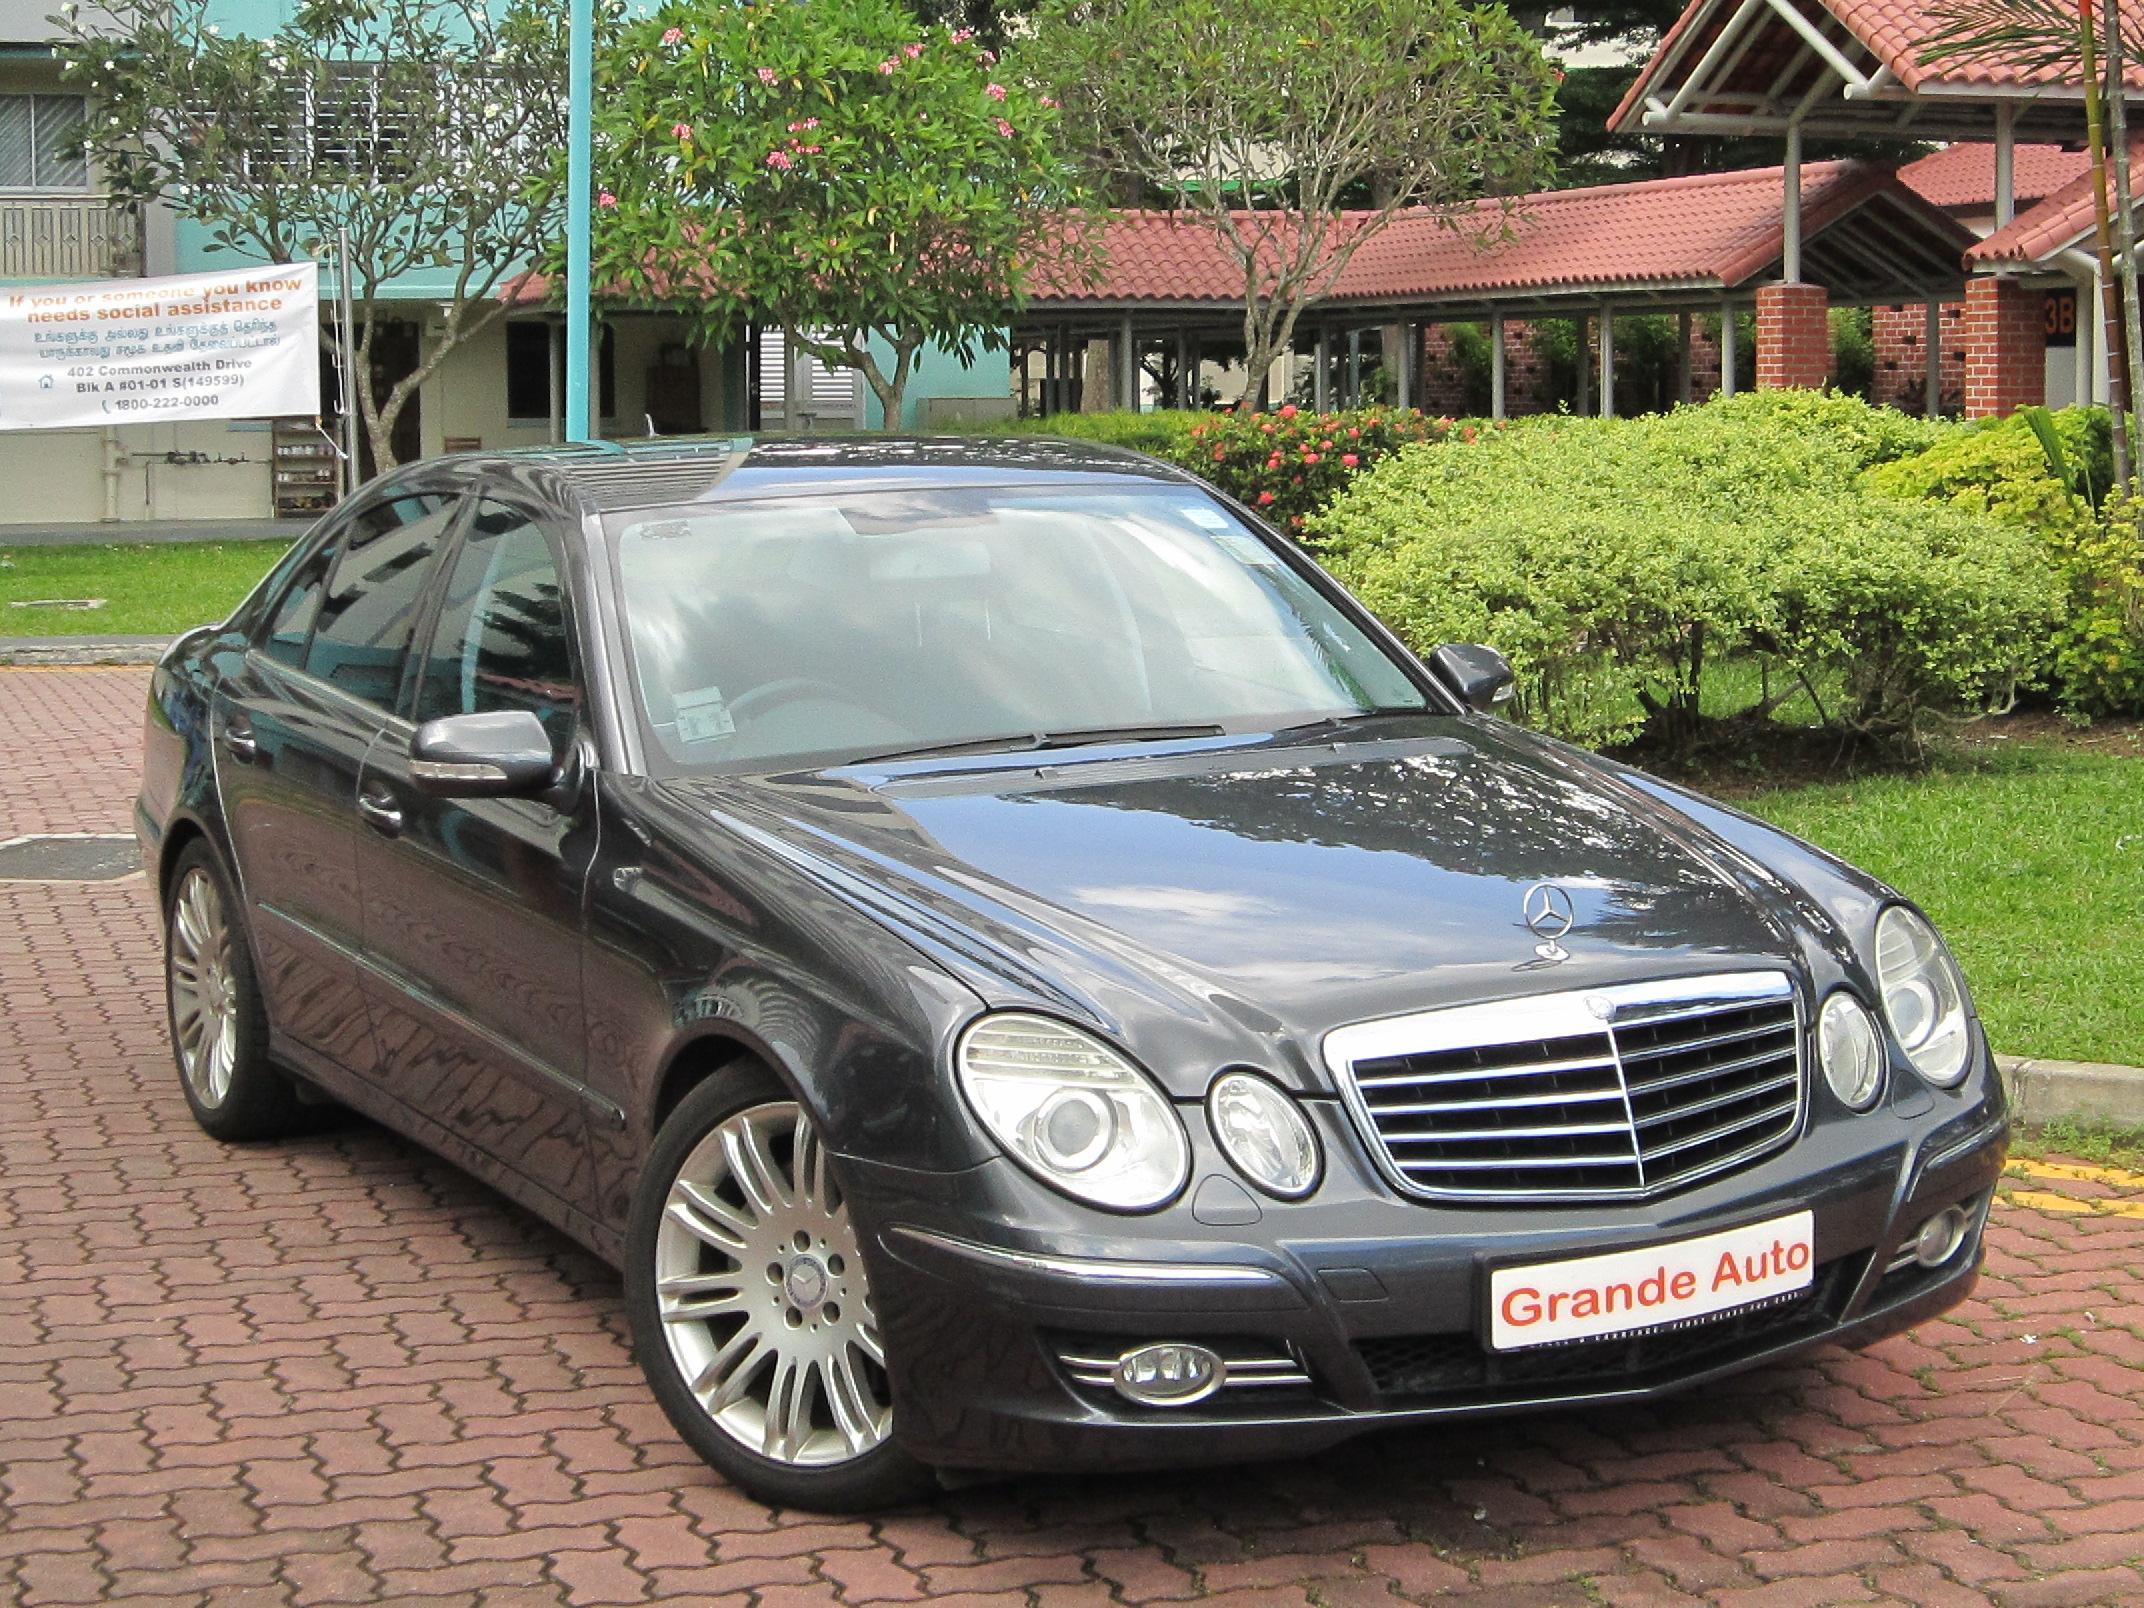 Grande auto credit pte ltd for Mercedes benz e230